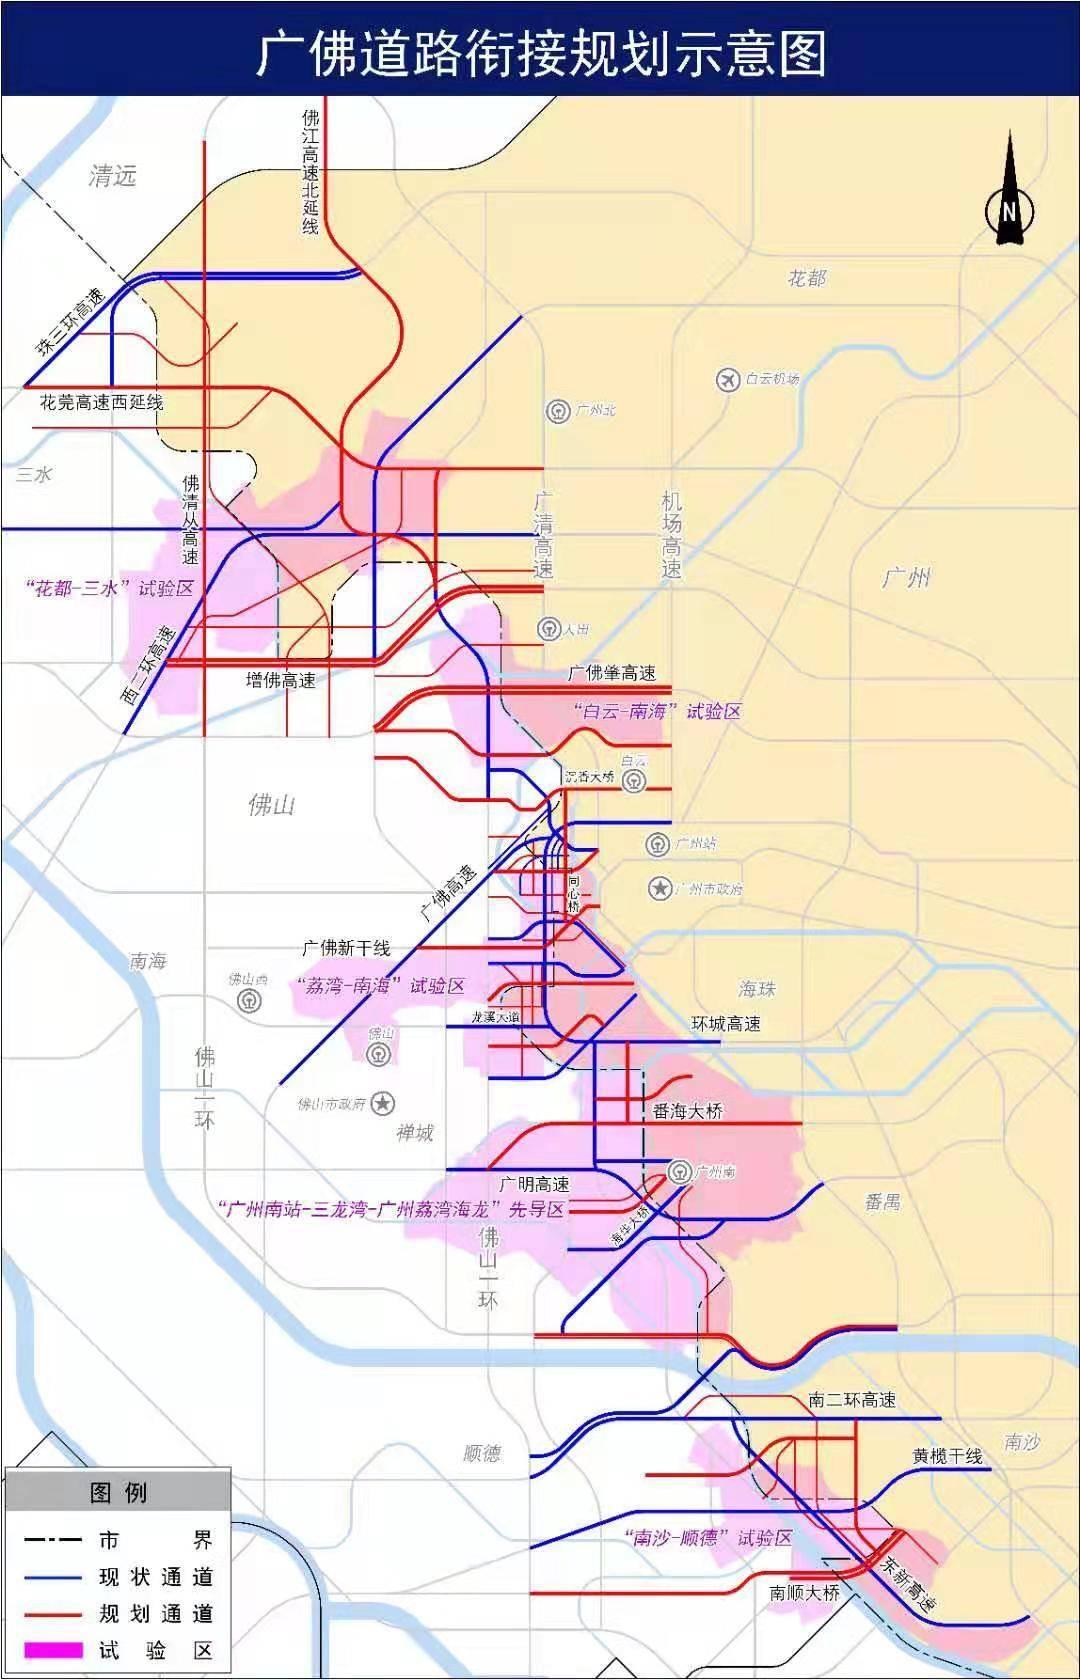 27条轨道串联广佛!边界规划80条道路加速全域同城